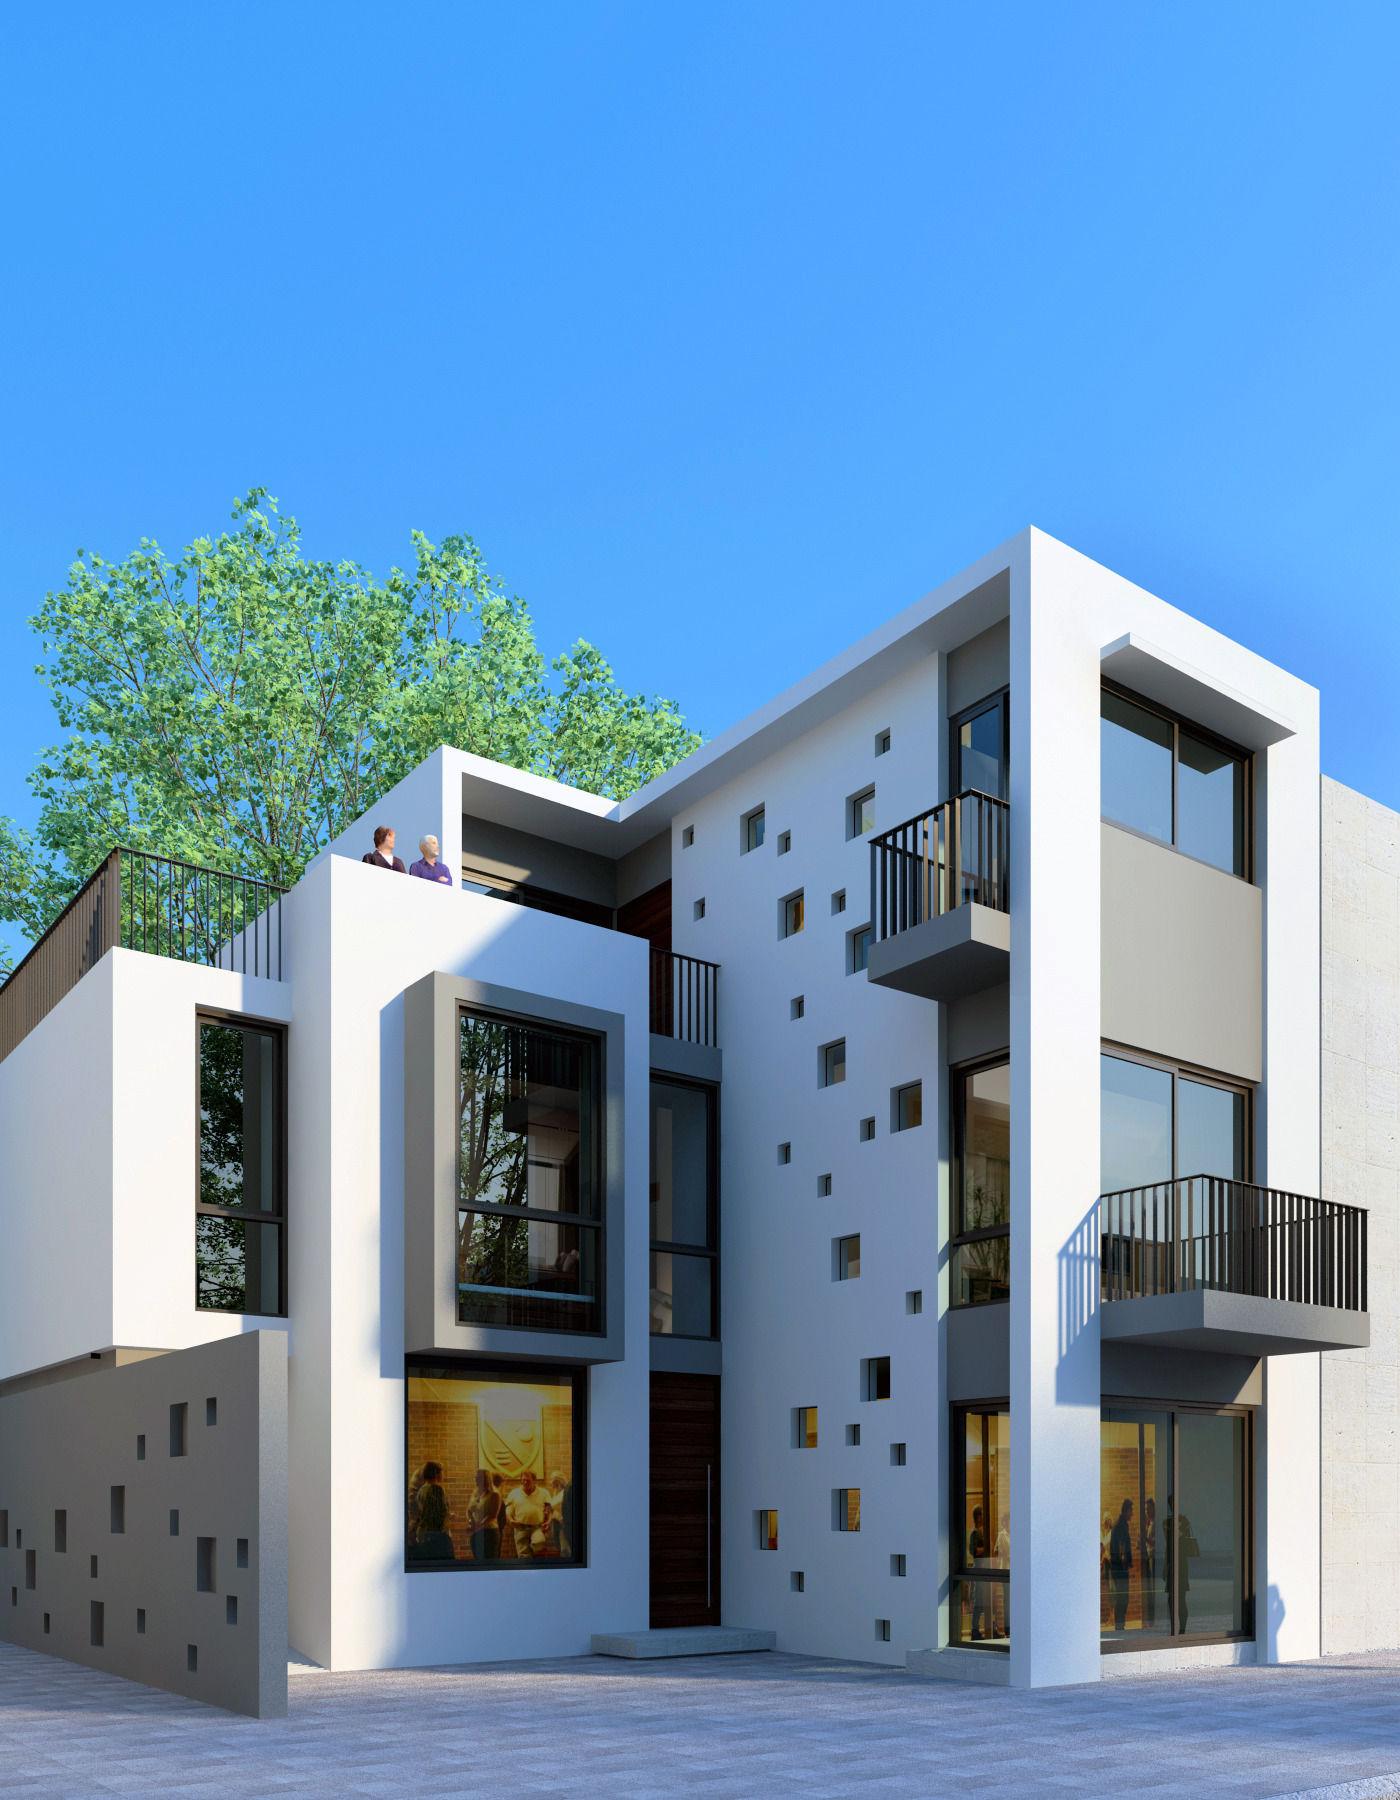 94+ 3d Max Home Design Software Free Download - LivingroomLiving ...